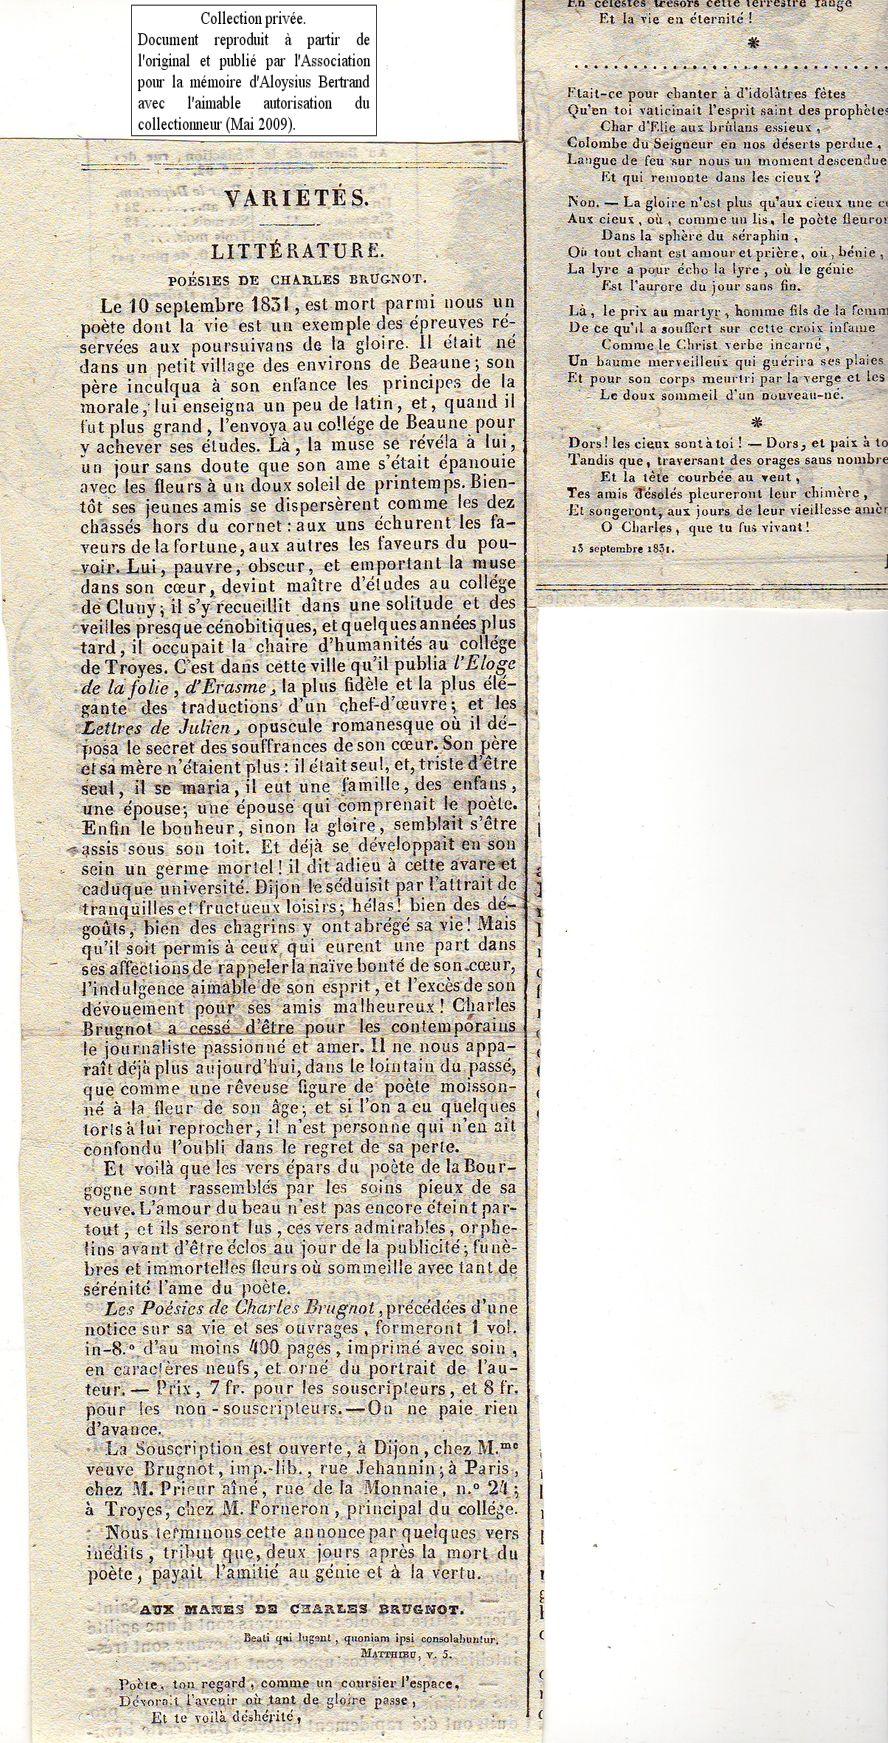 Article L.Bertrand sur Ch.Brugnot